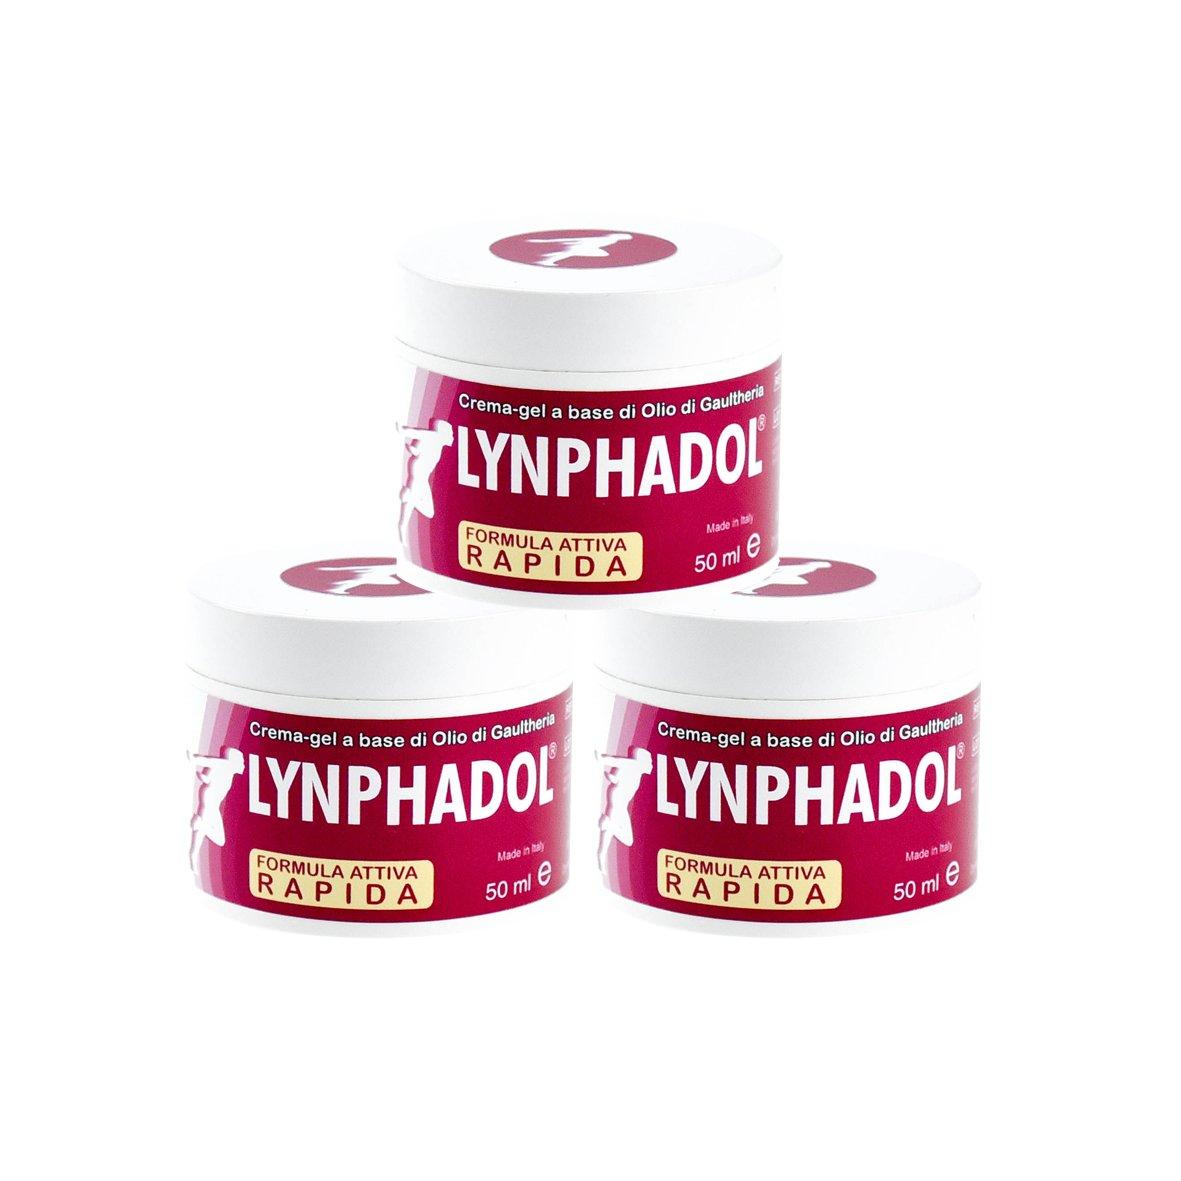 Lynphadol - Dolor de espalda, dolores articulares, inflamación - 50 ml: Amazon.es: Salud y cuidado personal